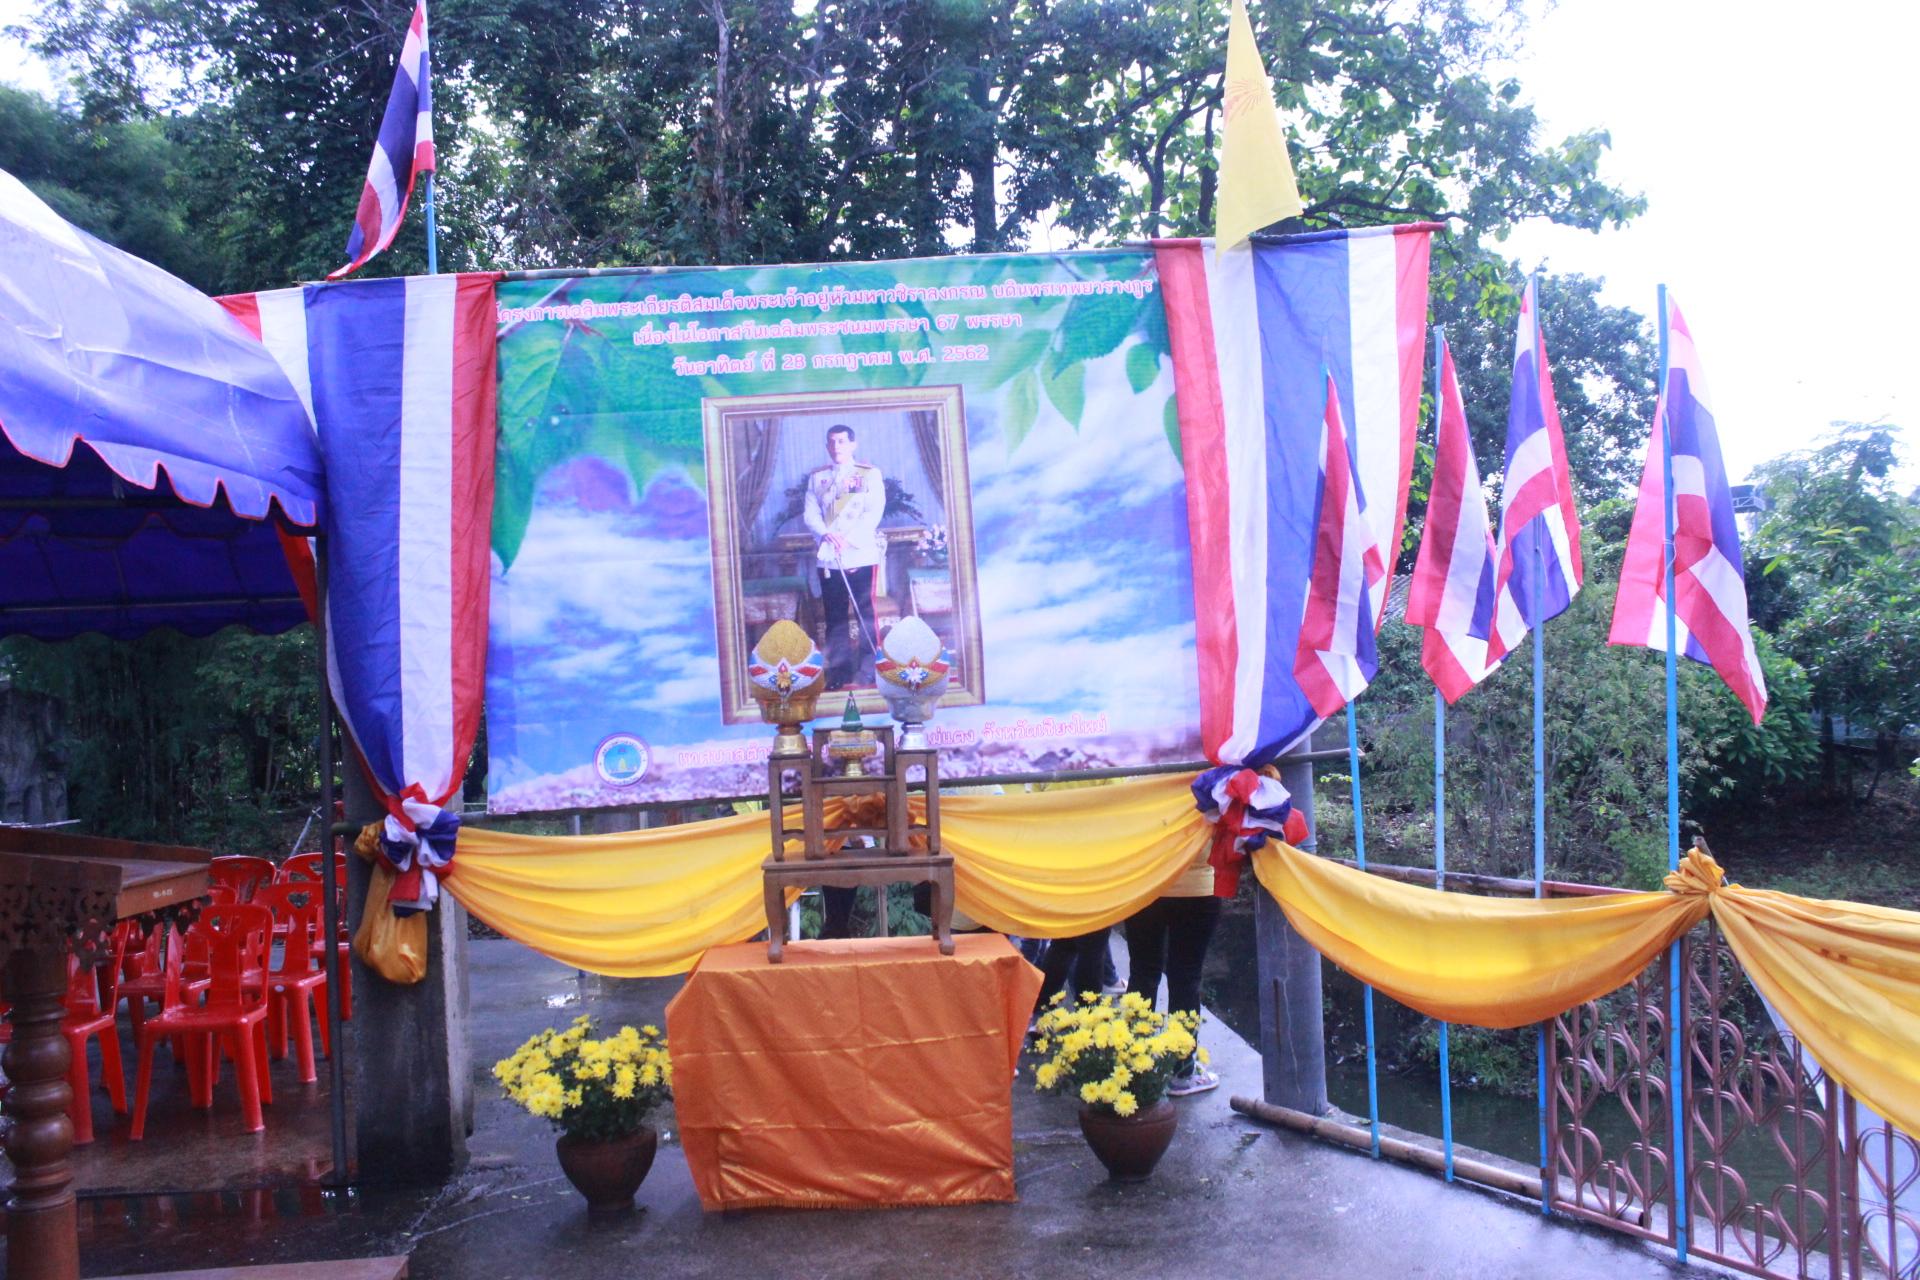 โครงการเฉลิมพระเกียรติสมเด็จพระเจ้าอยู่หัวมหาวชิราลงกรณ บดินทรเทพยวรางกูร เนื่องในโอกาสวันเฉลิมพระชนมพรรษา 67 พรรษา